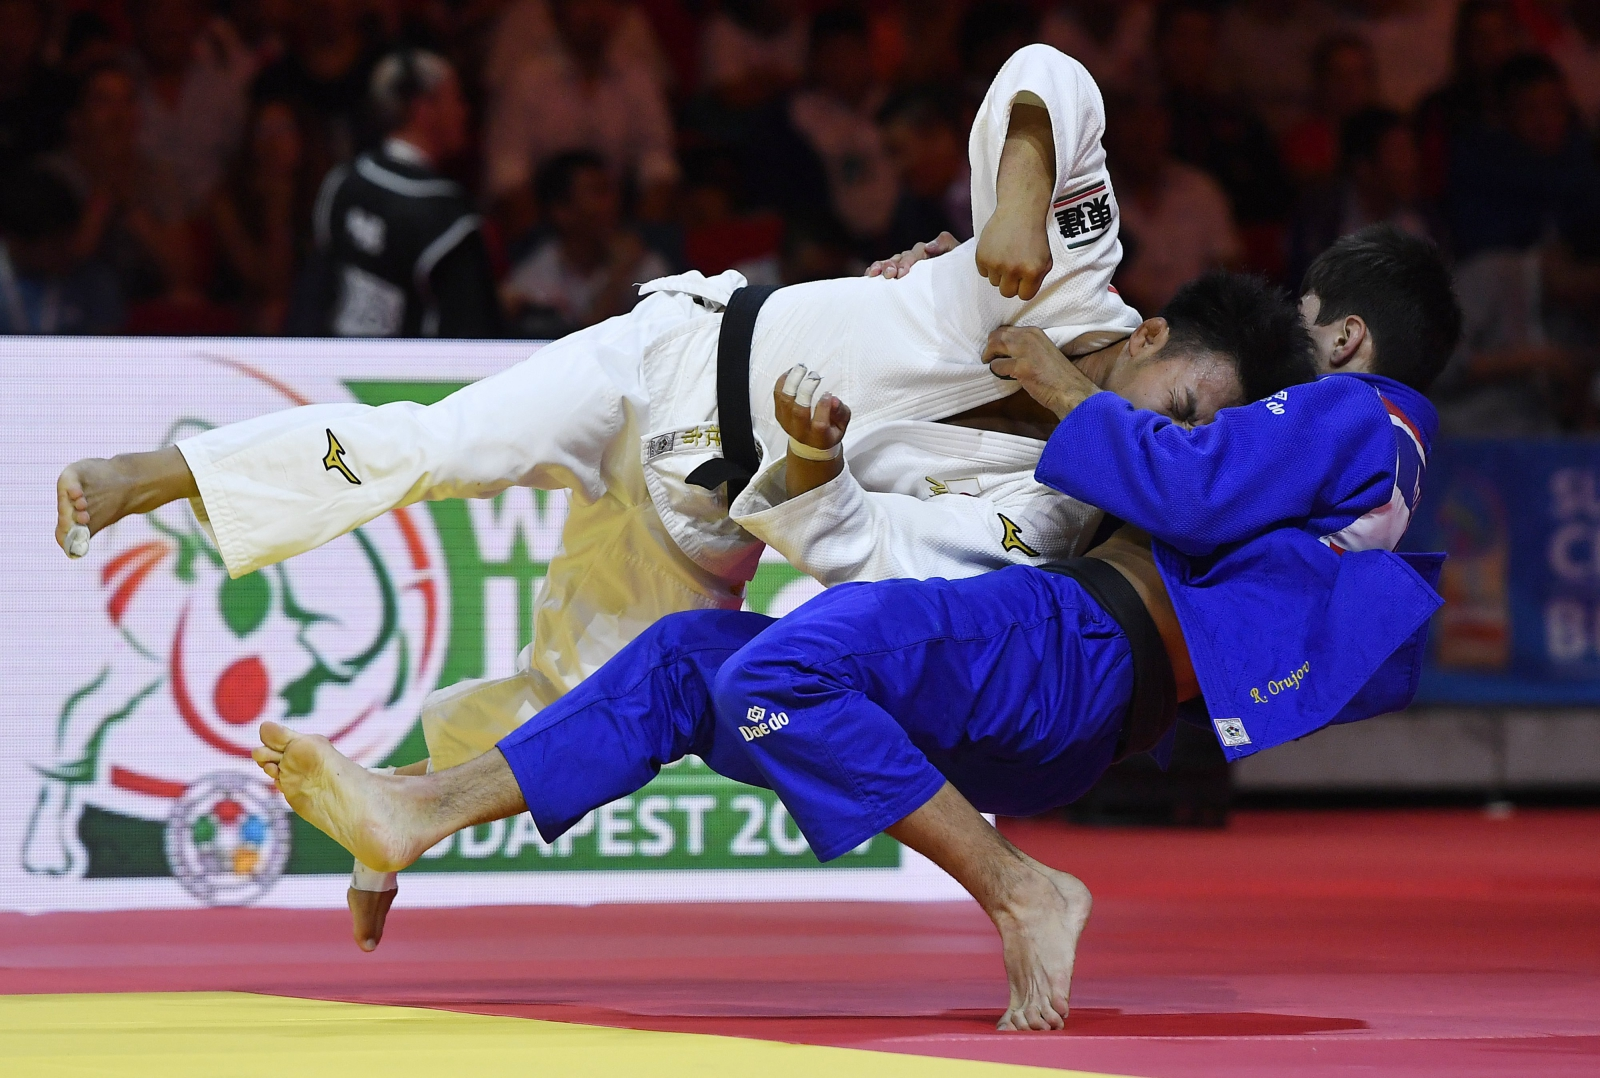 Mistrzostwa Świata w Judo, Budapeszt, Węgry